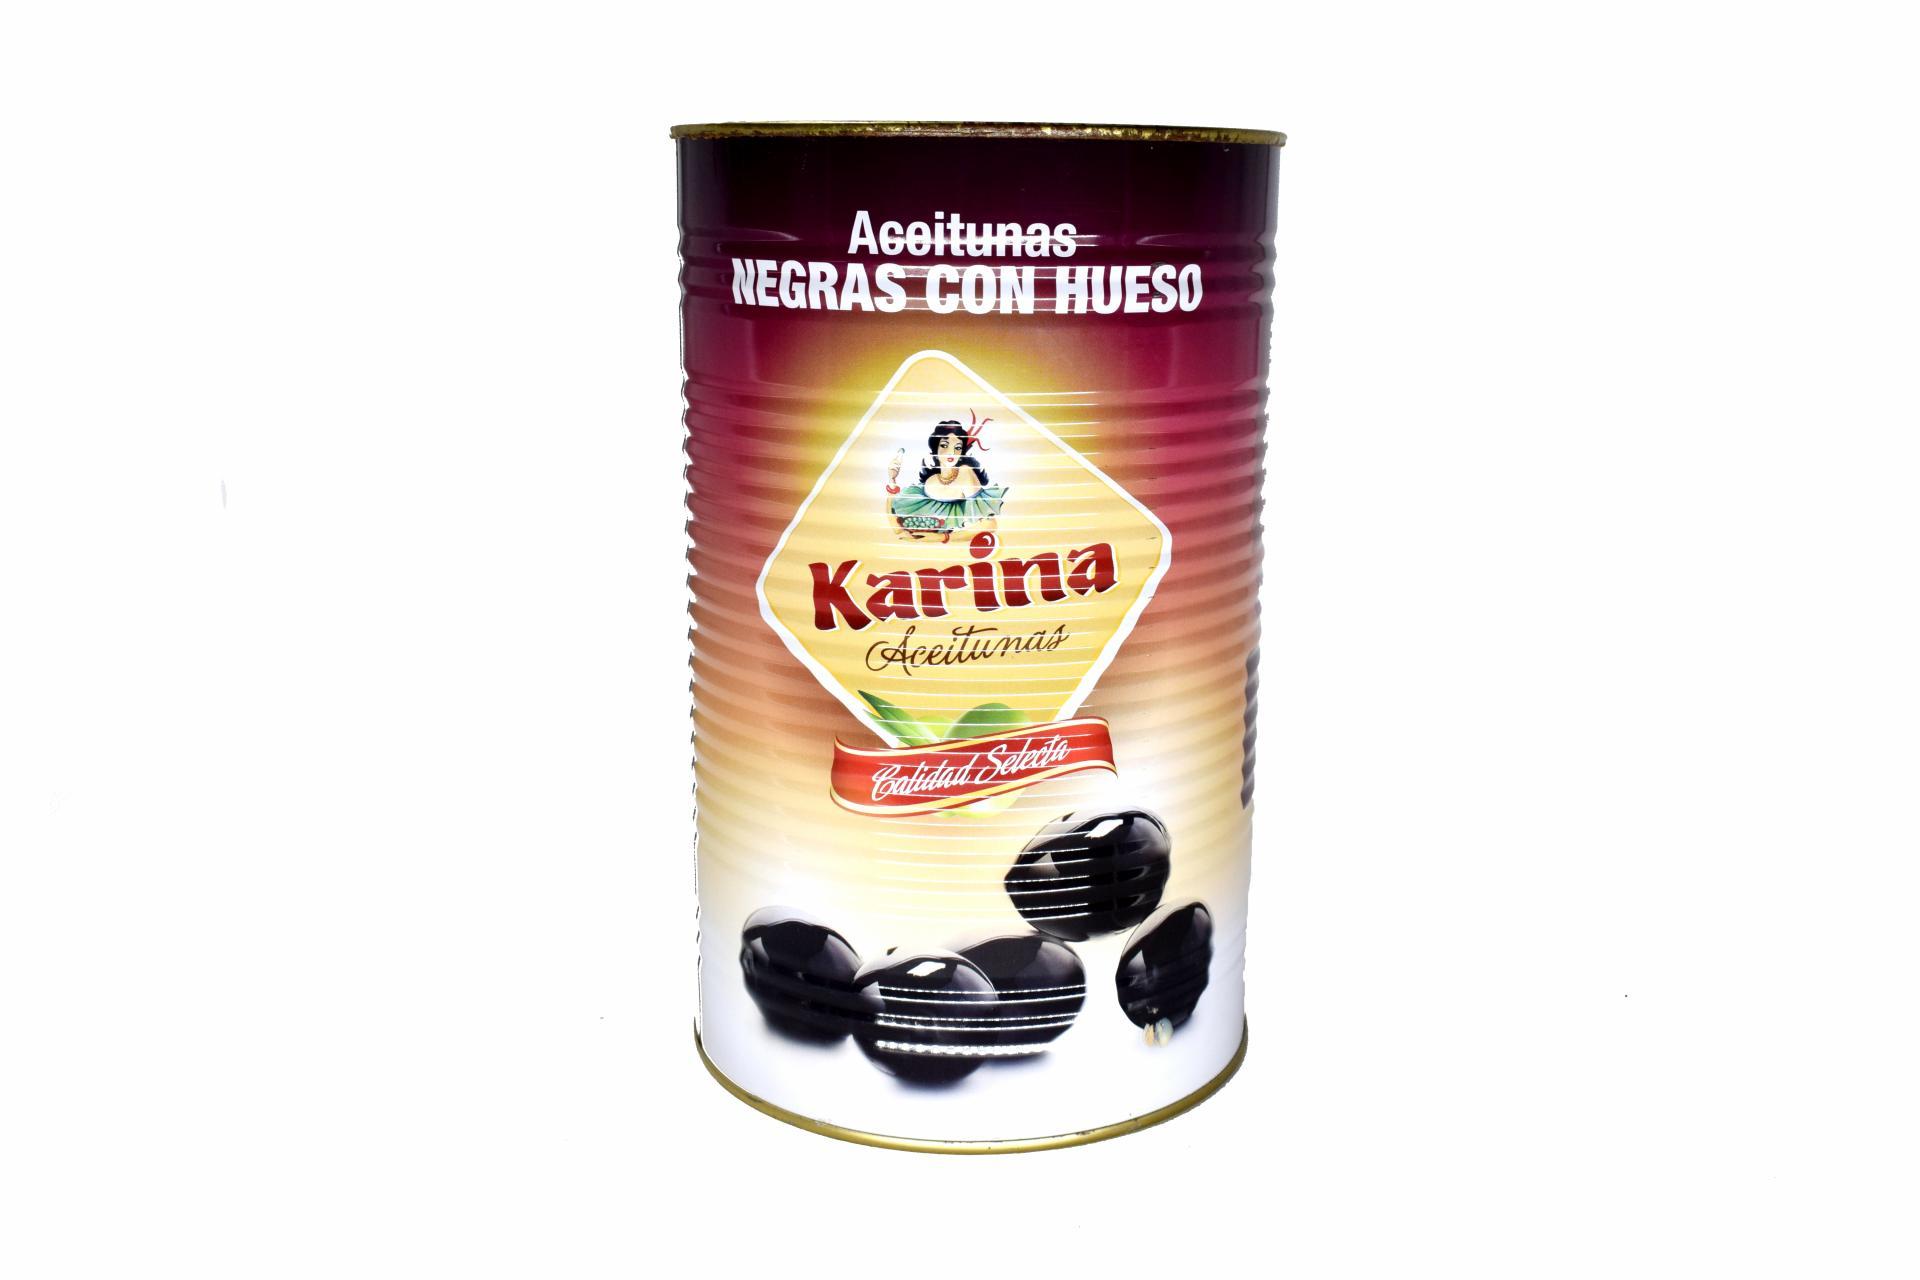 Aceitunas Negras Con Hueso KARINA